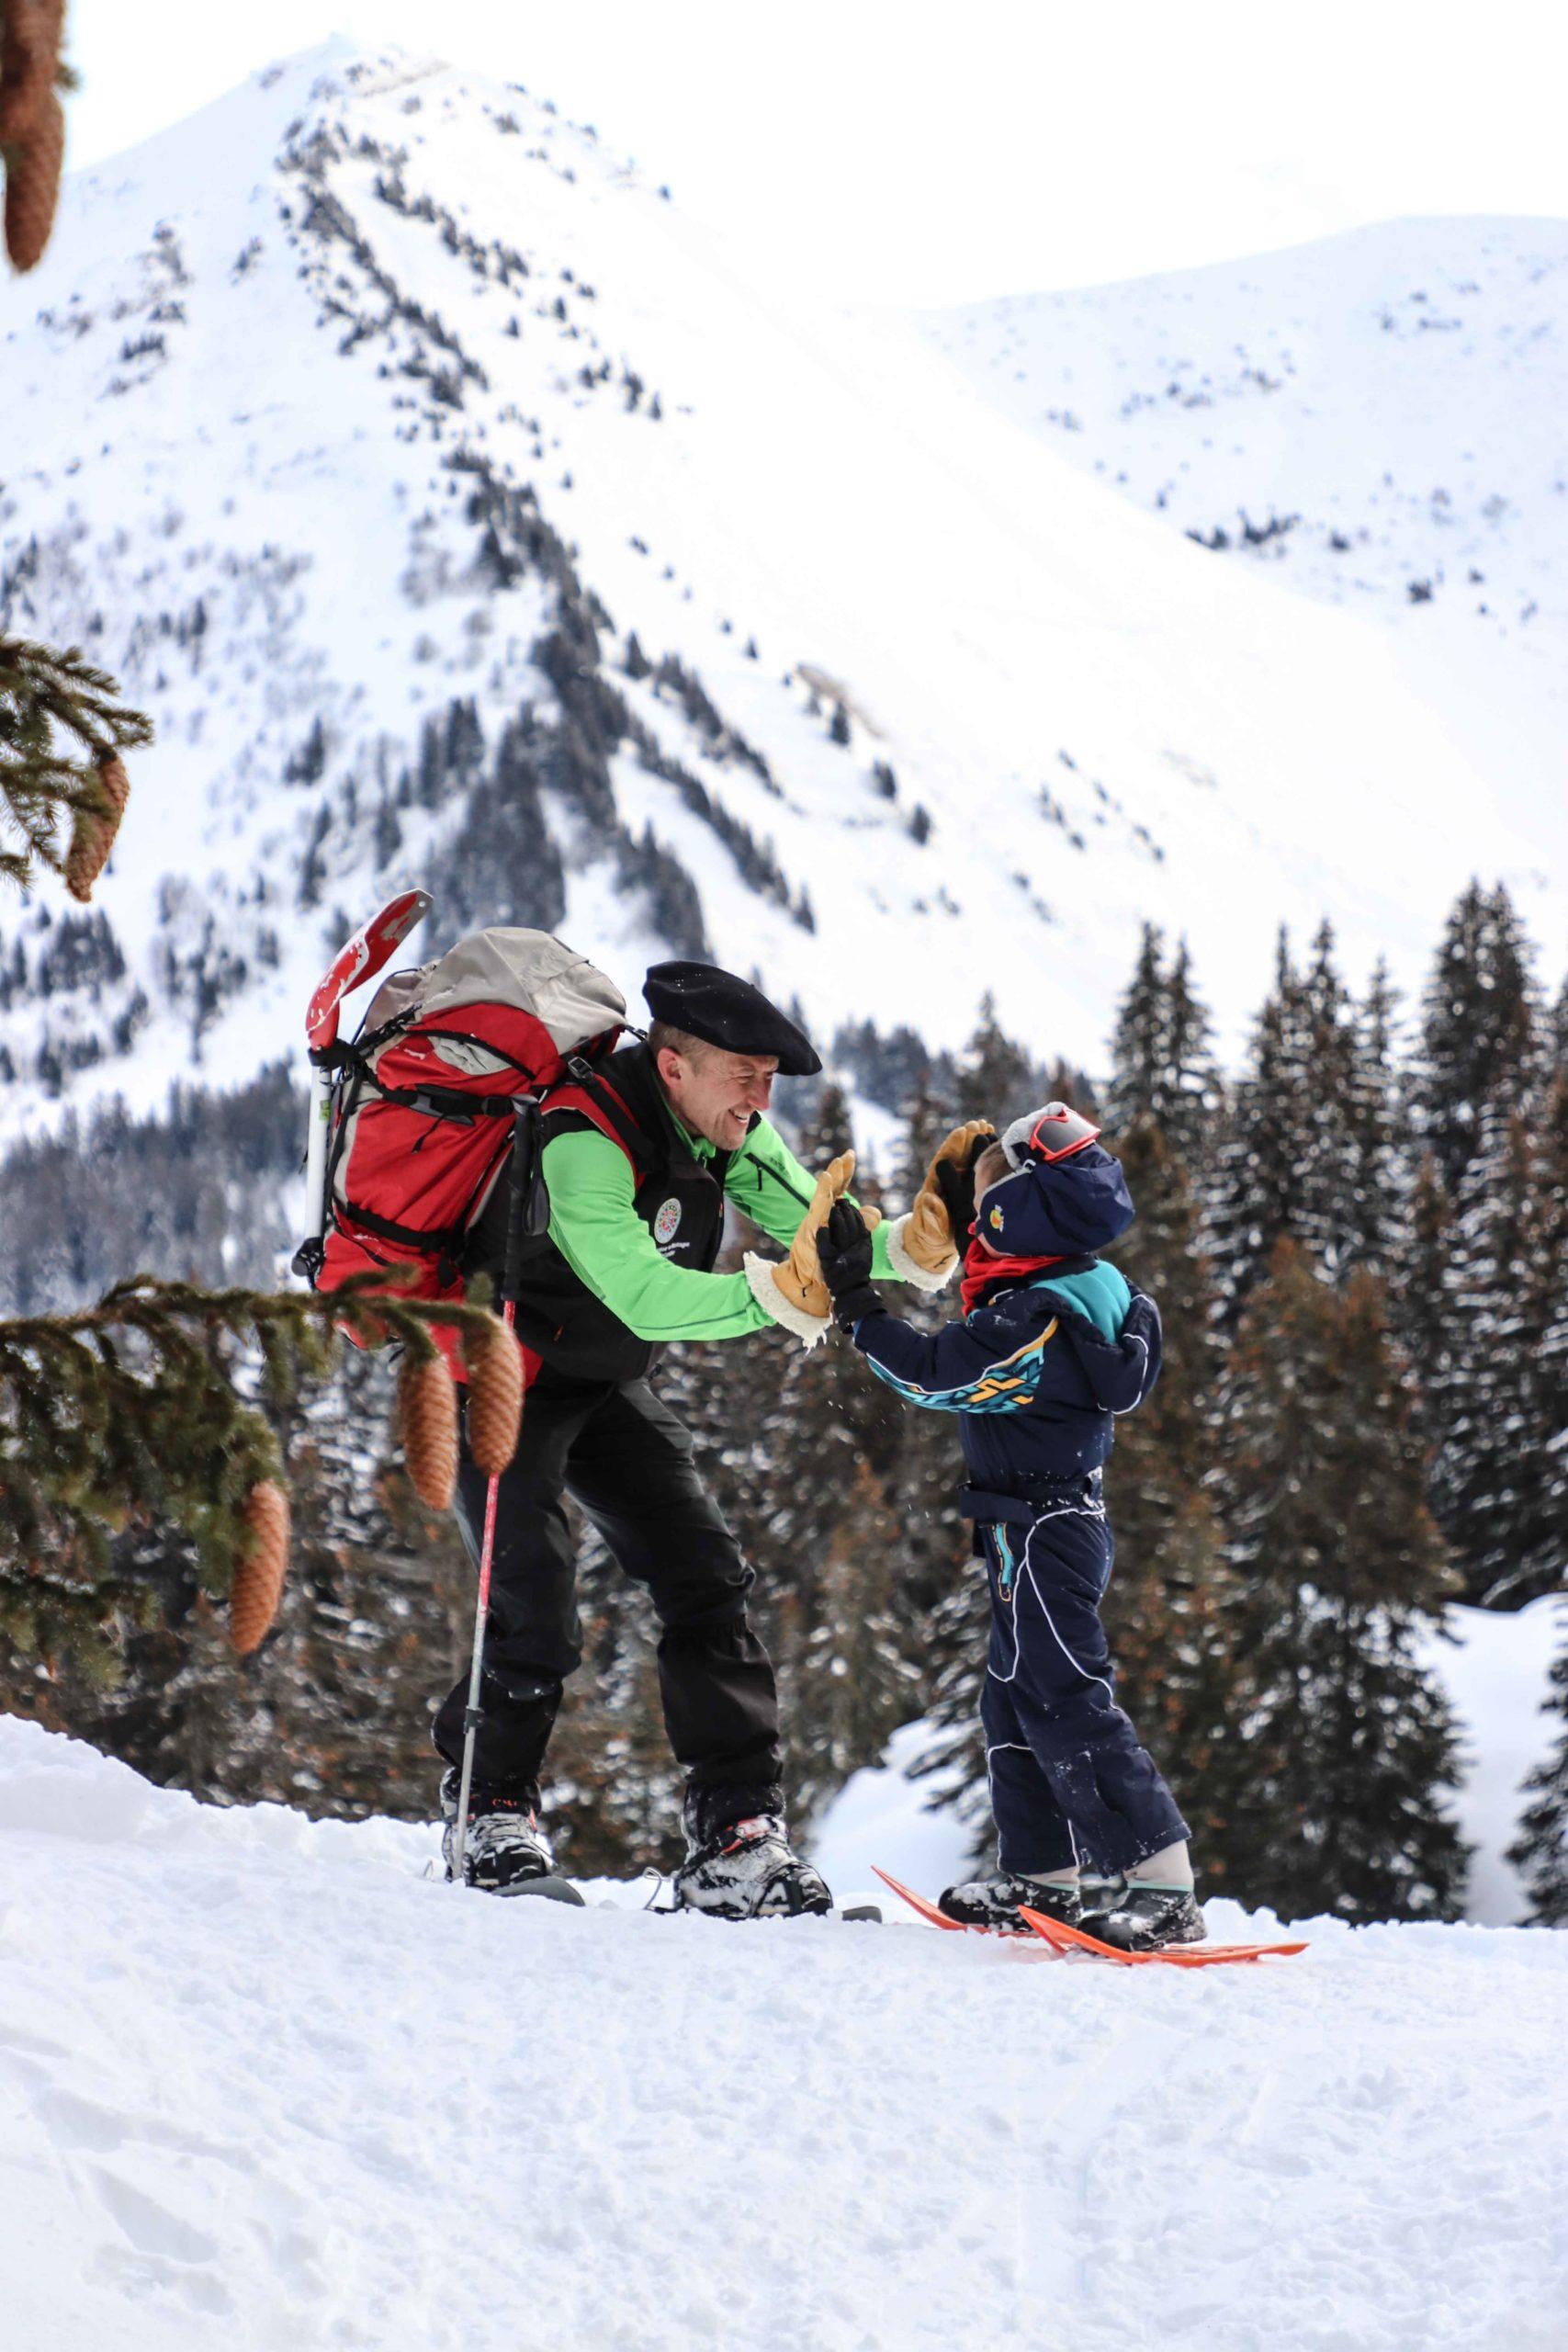 Ambiance montagne 74 - Fred - Praz de Lys - Sommand en famille